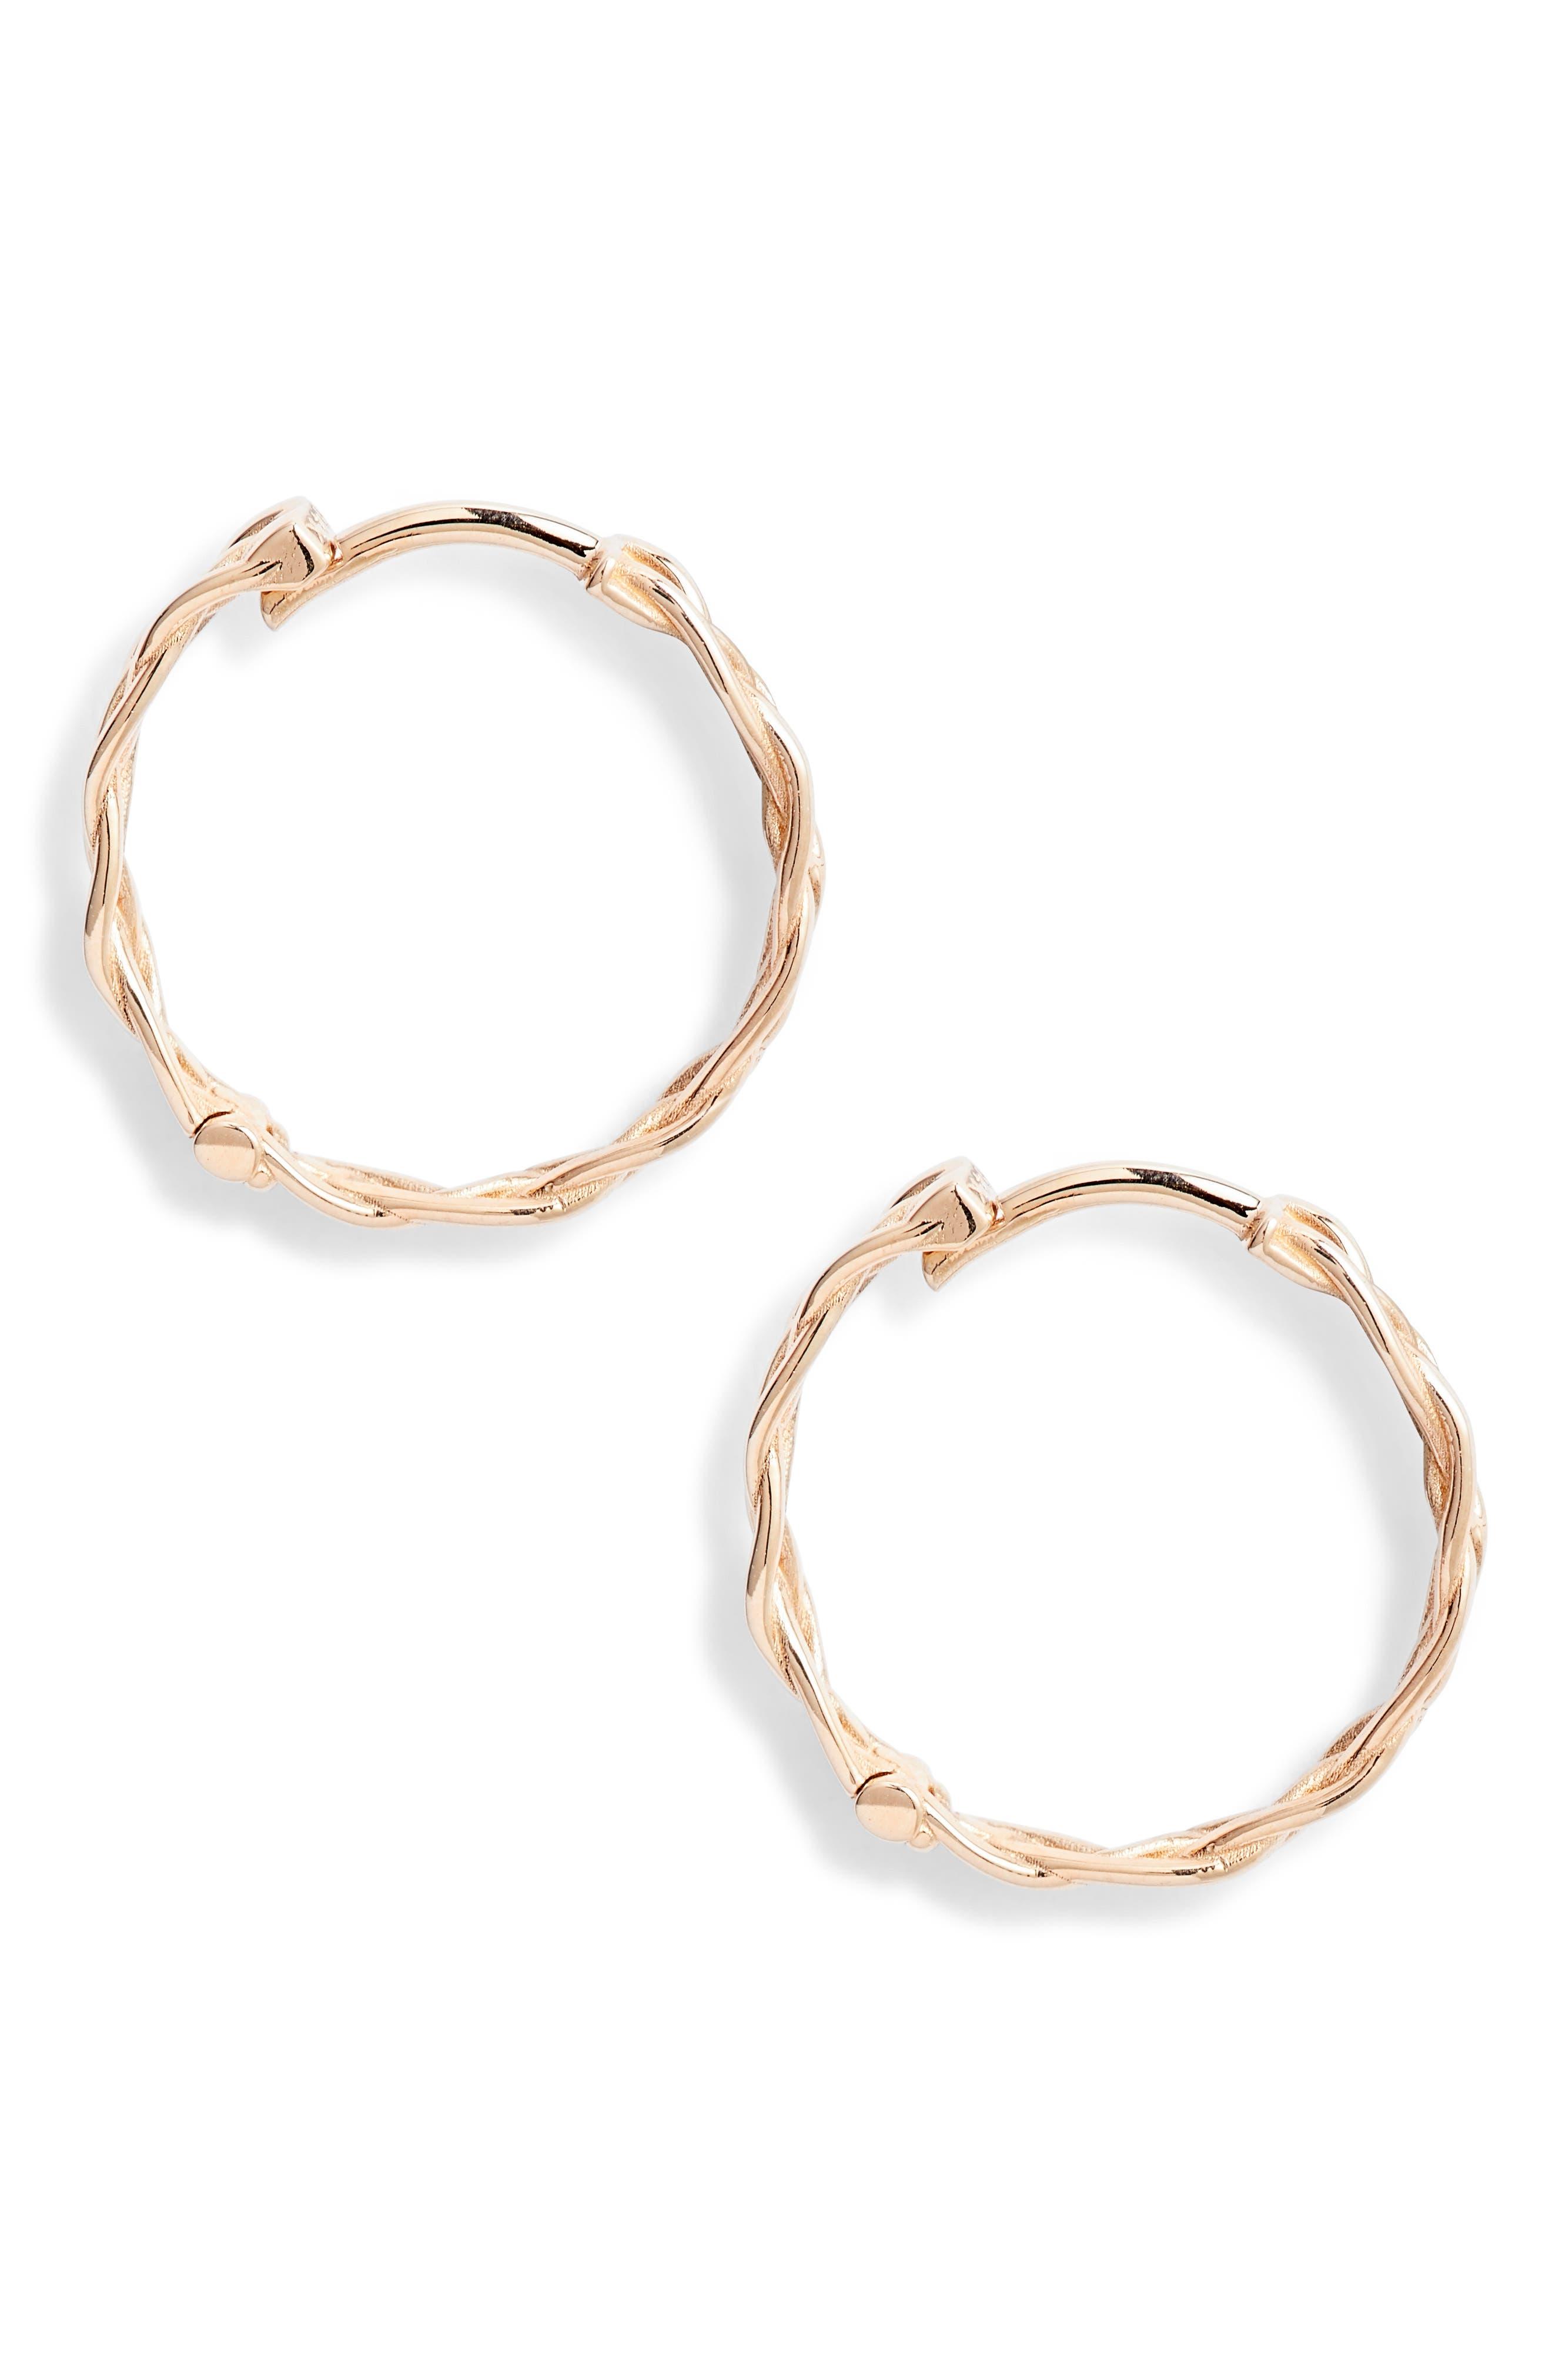 KISMET BY MILKA, Large Braided Hoop Earrings, Main thumbnail 1, color, ROSE GOLD